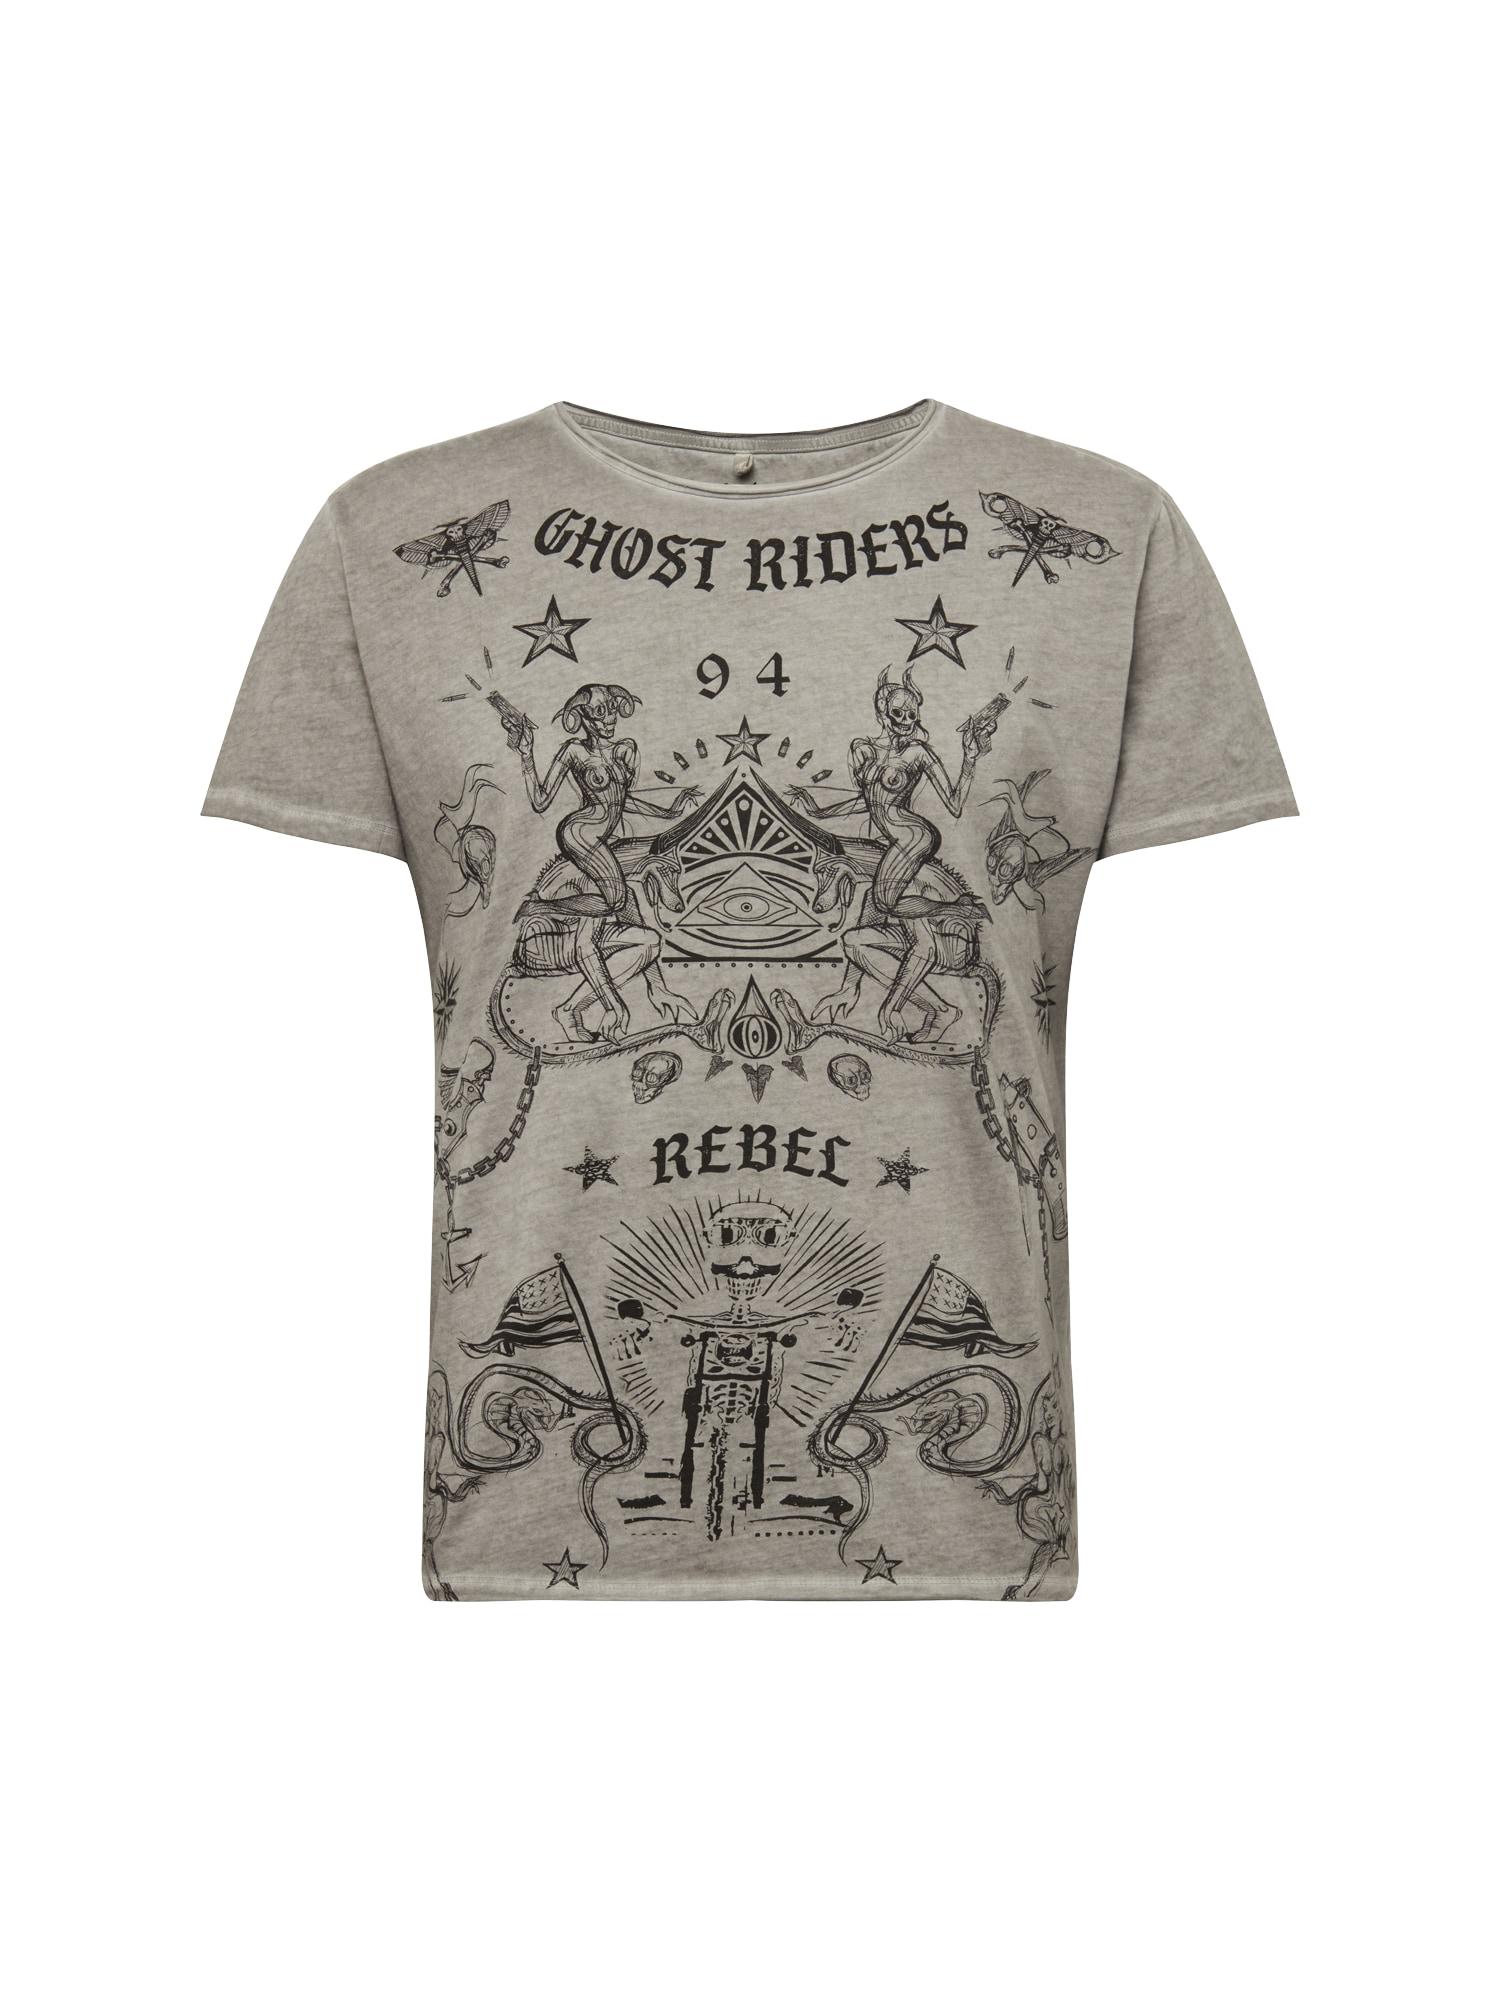 Tričko GHOST stříbrně šedá mix barev Key Largo